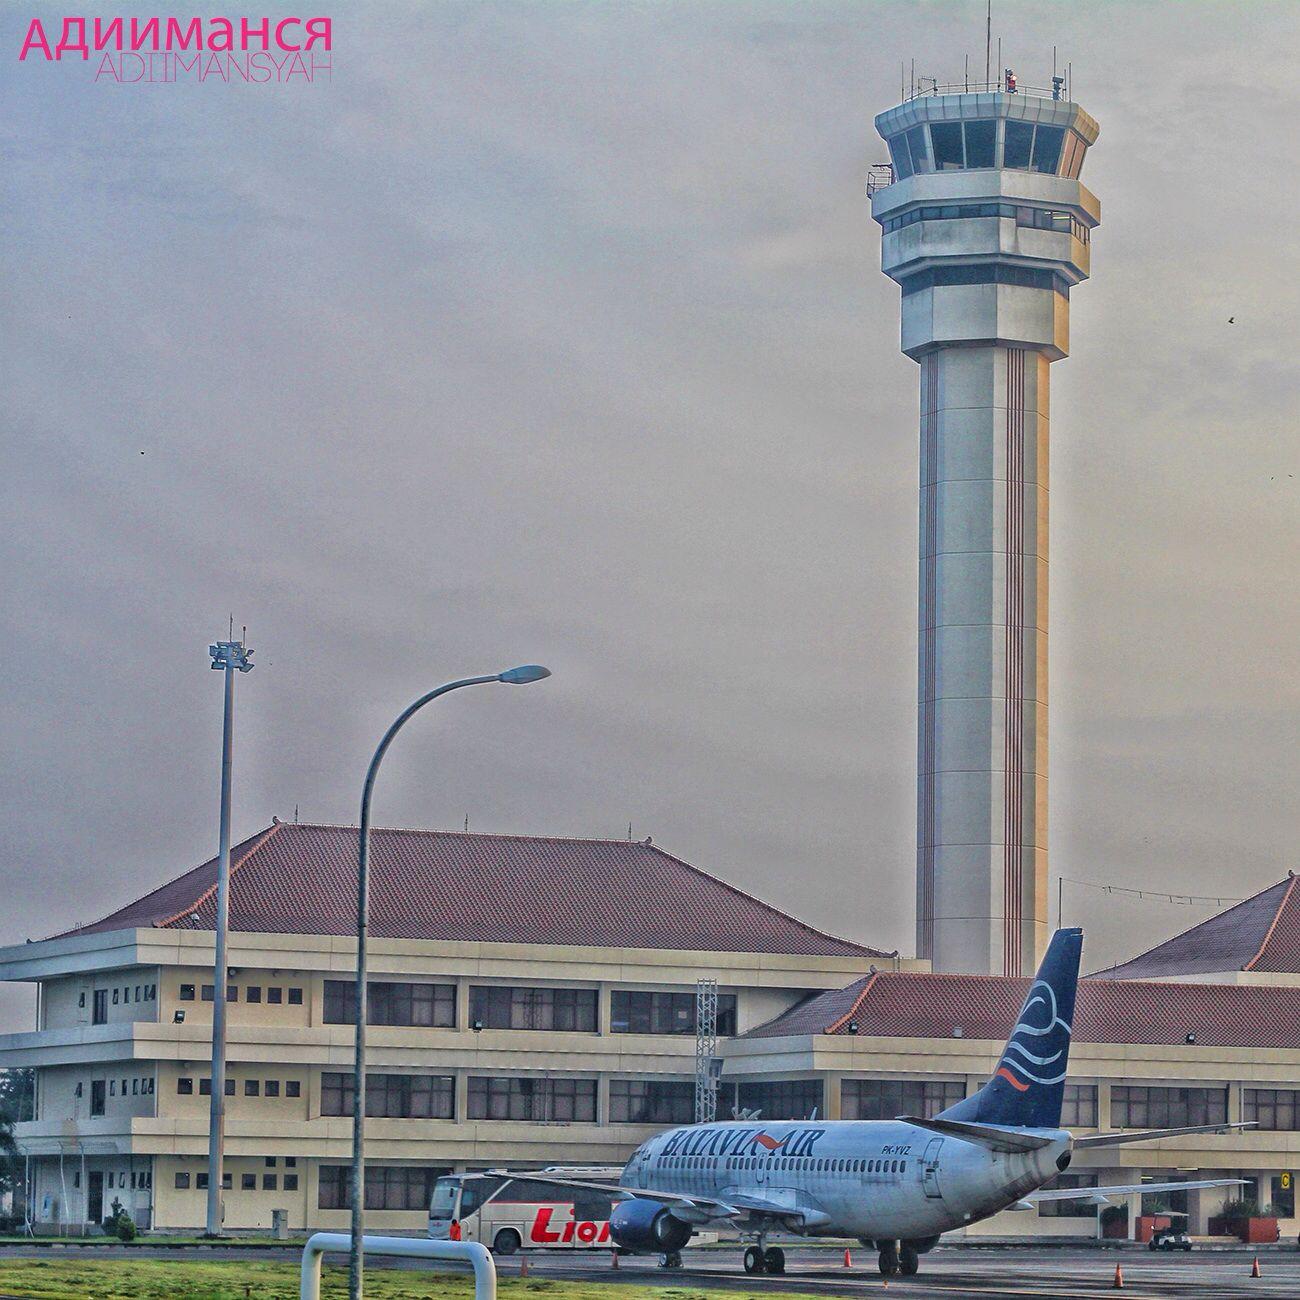 Juanda International Airport Surabaya Indonesia